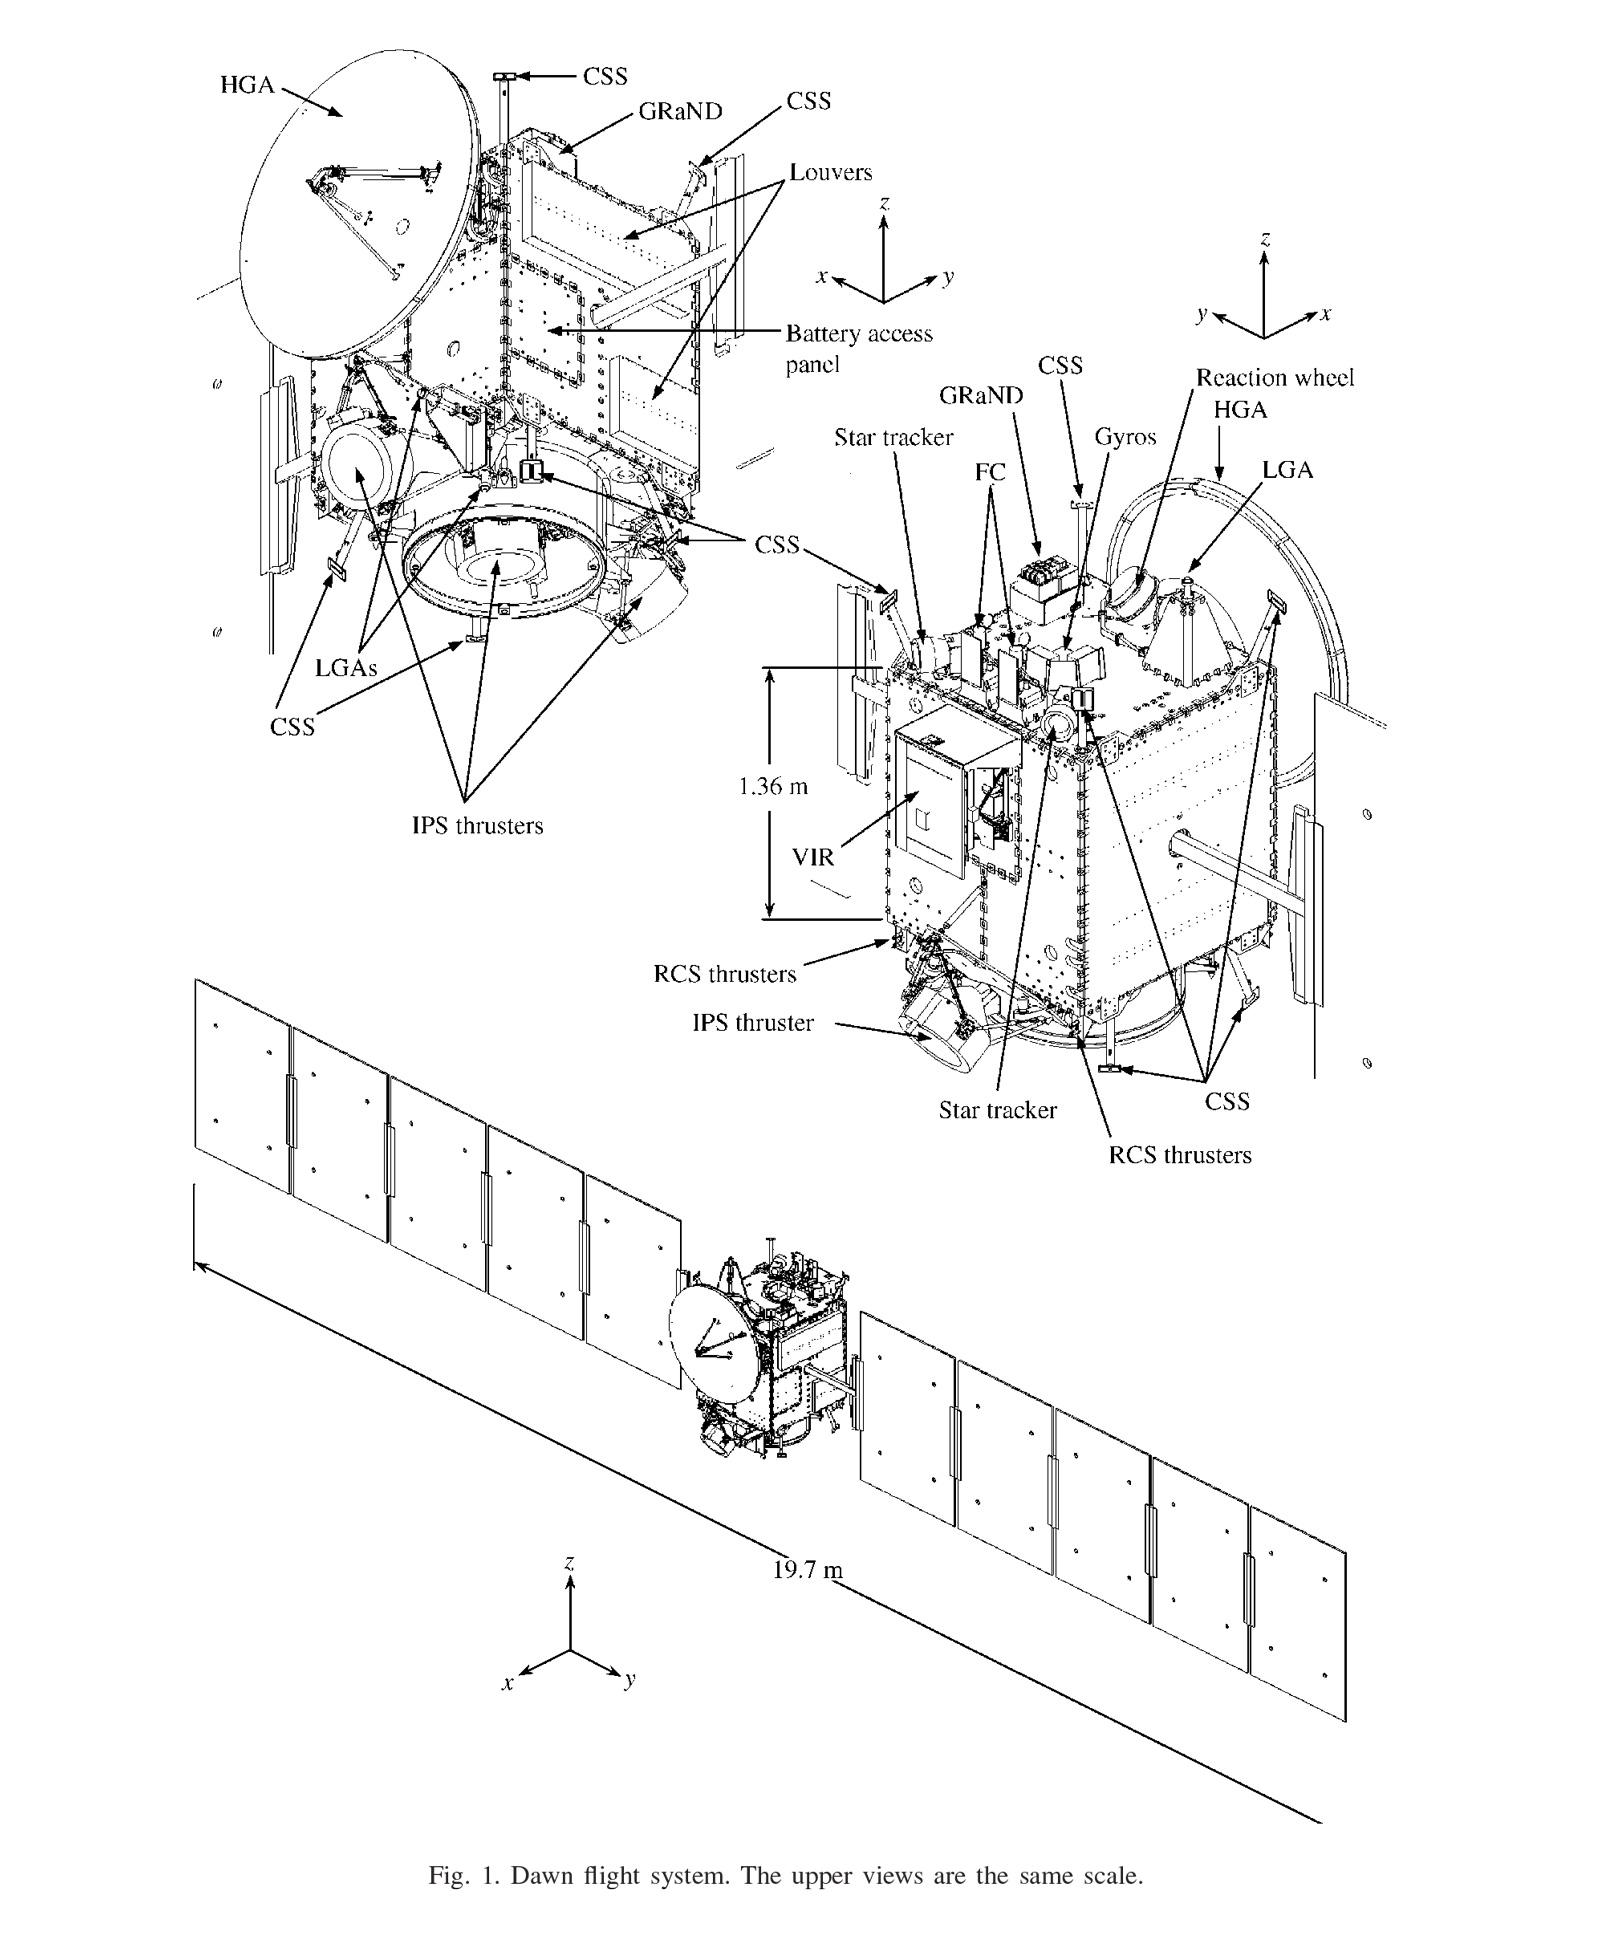 Dawn Spacecraft Diagram No 2